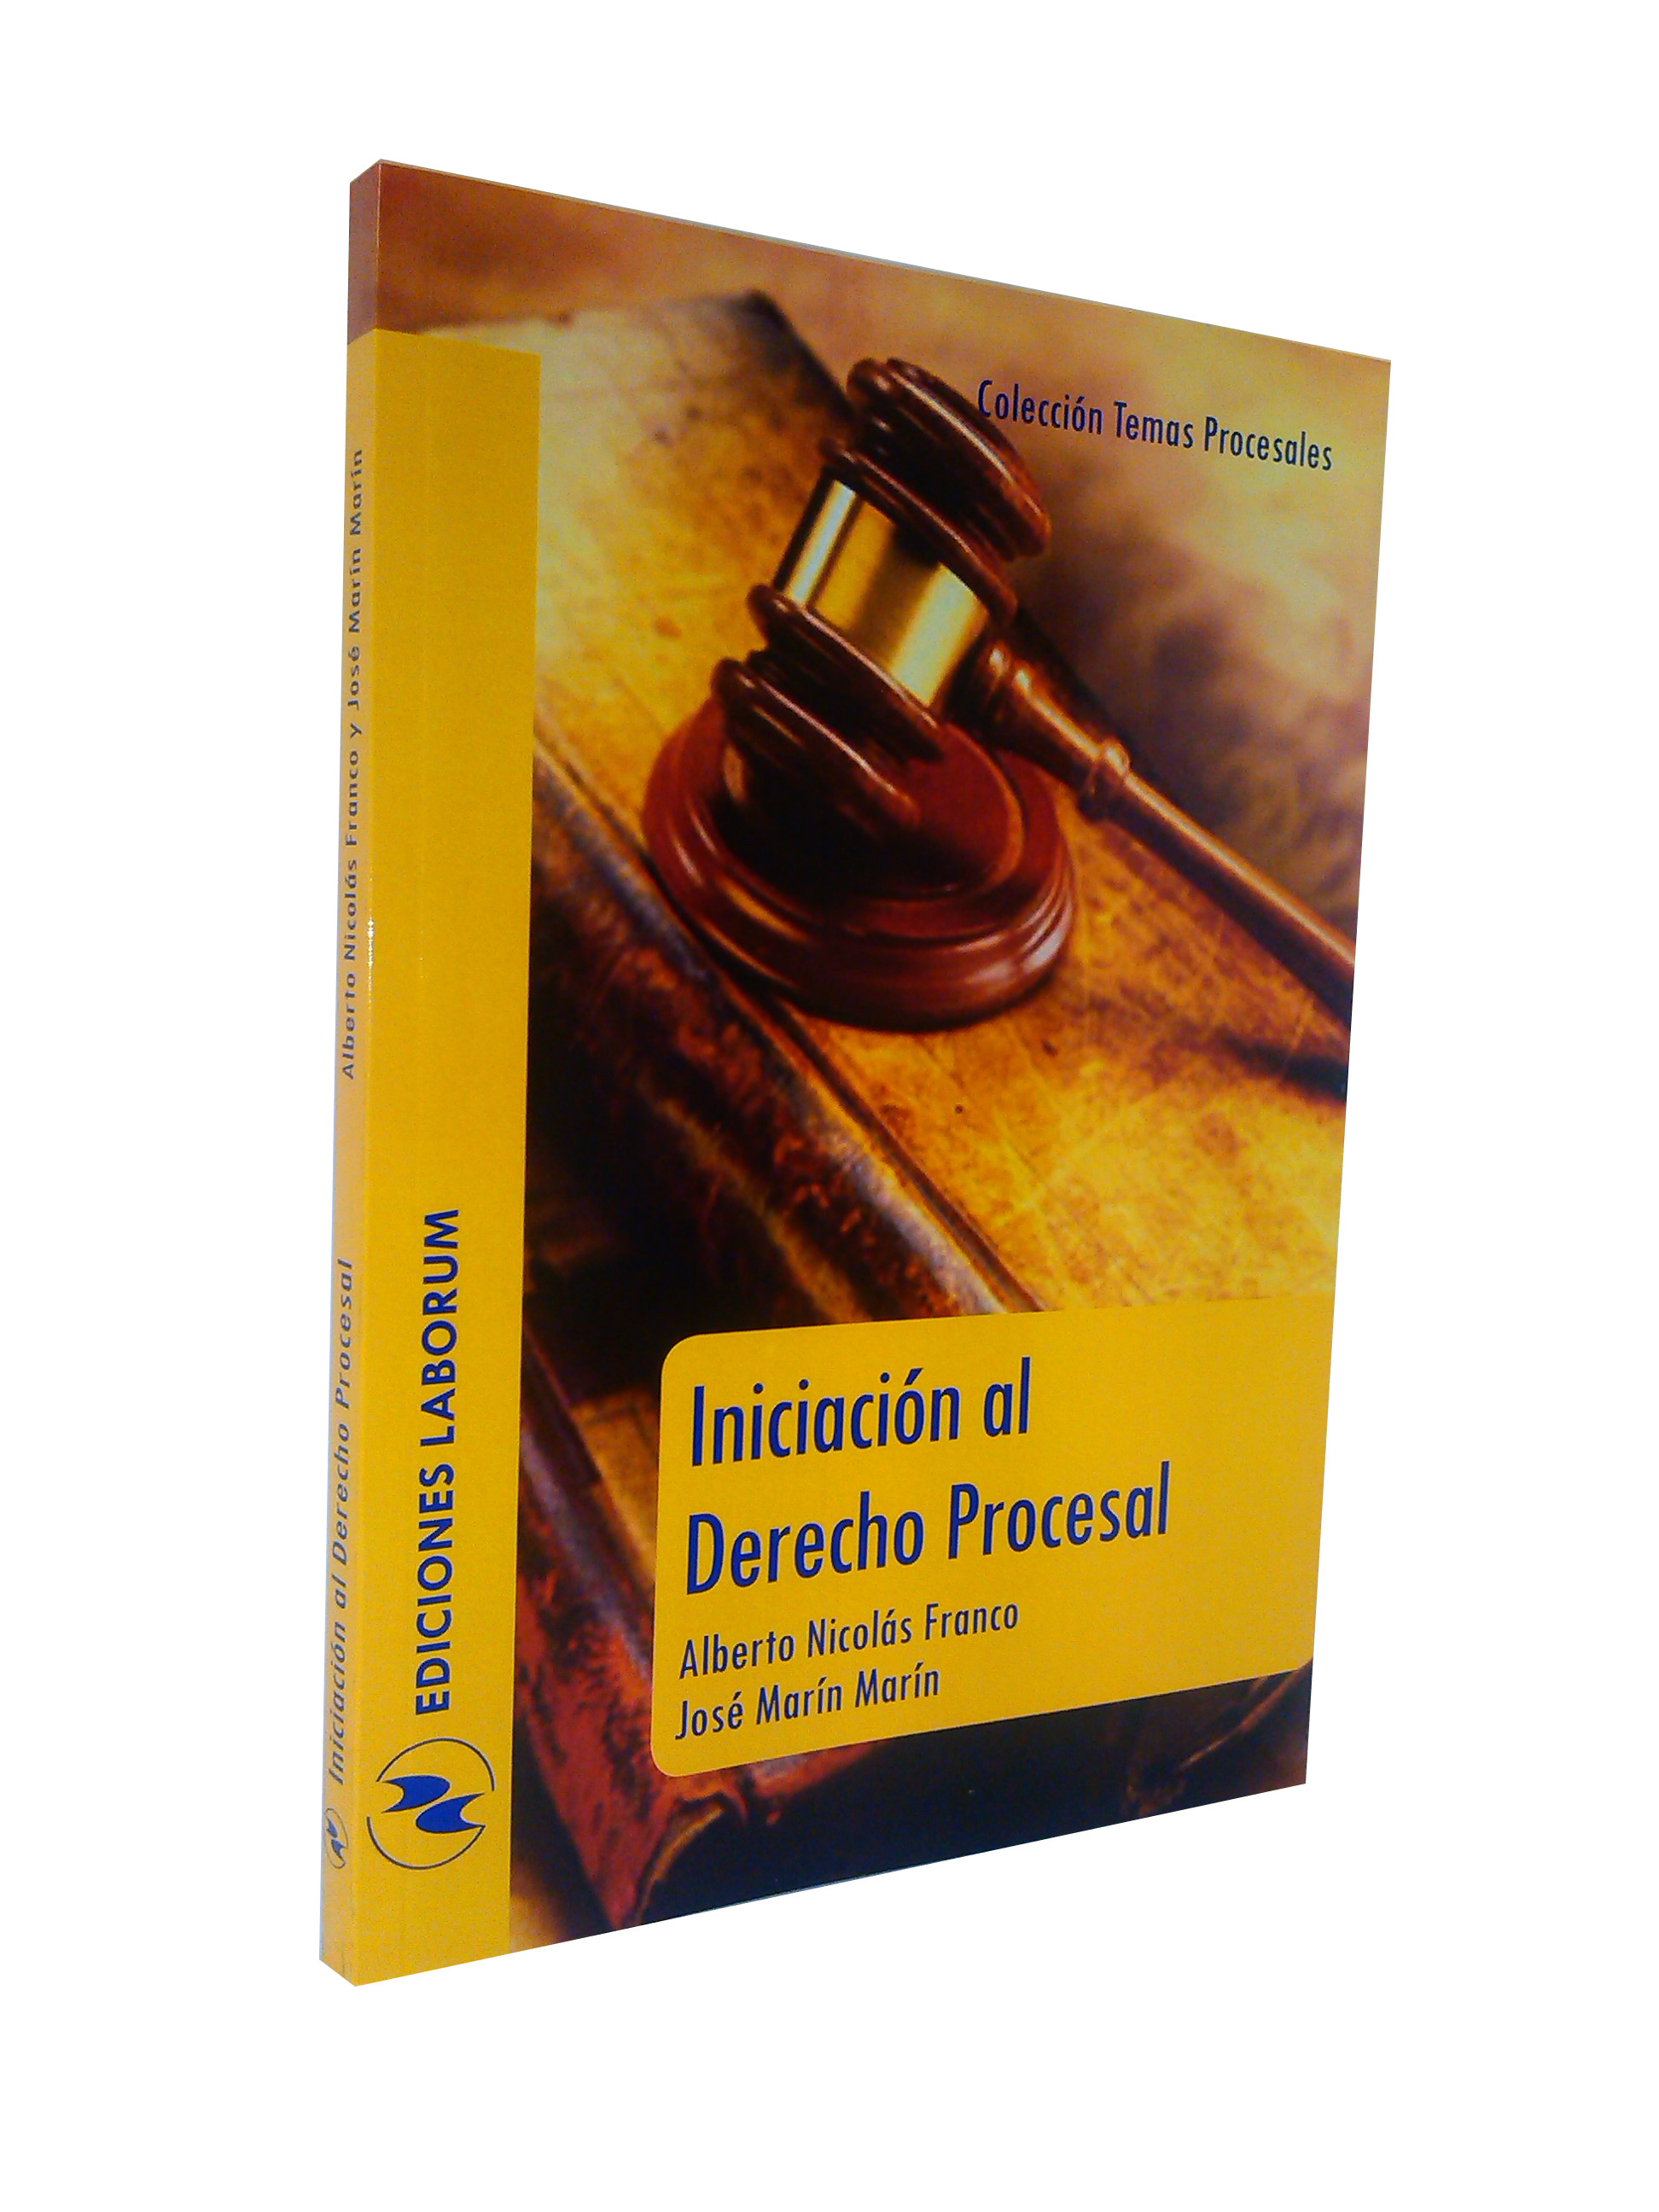 Iniciación al Derecho Procesal